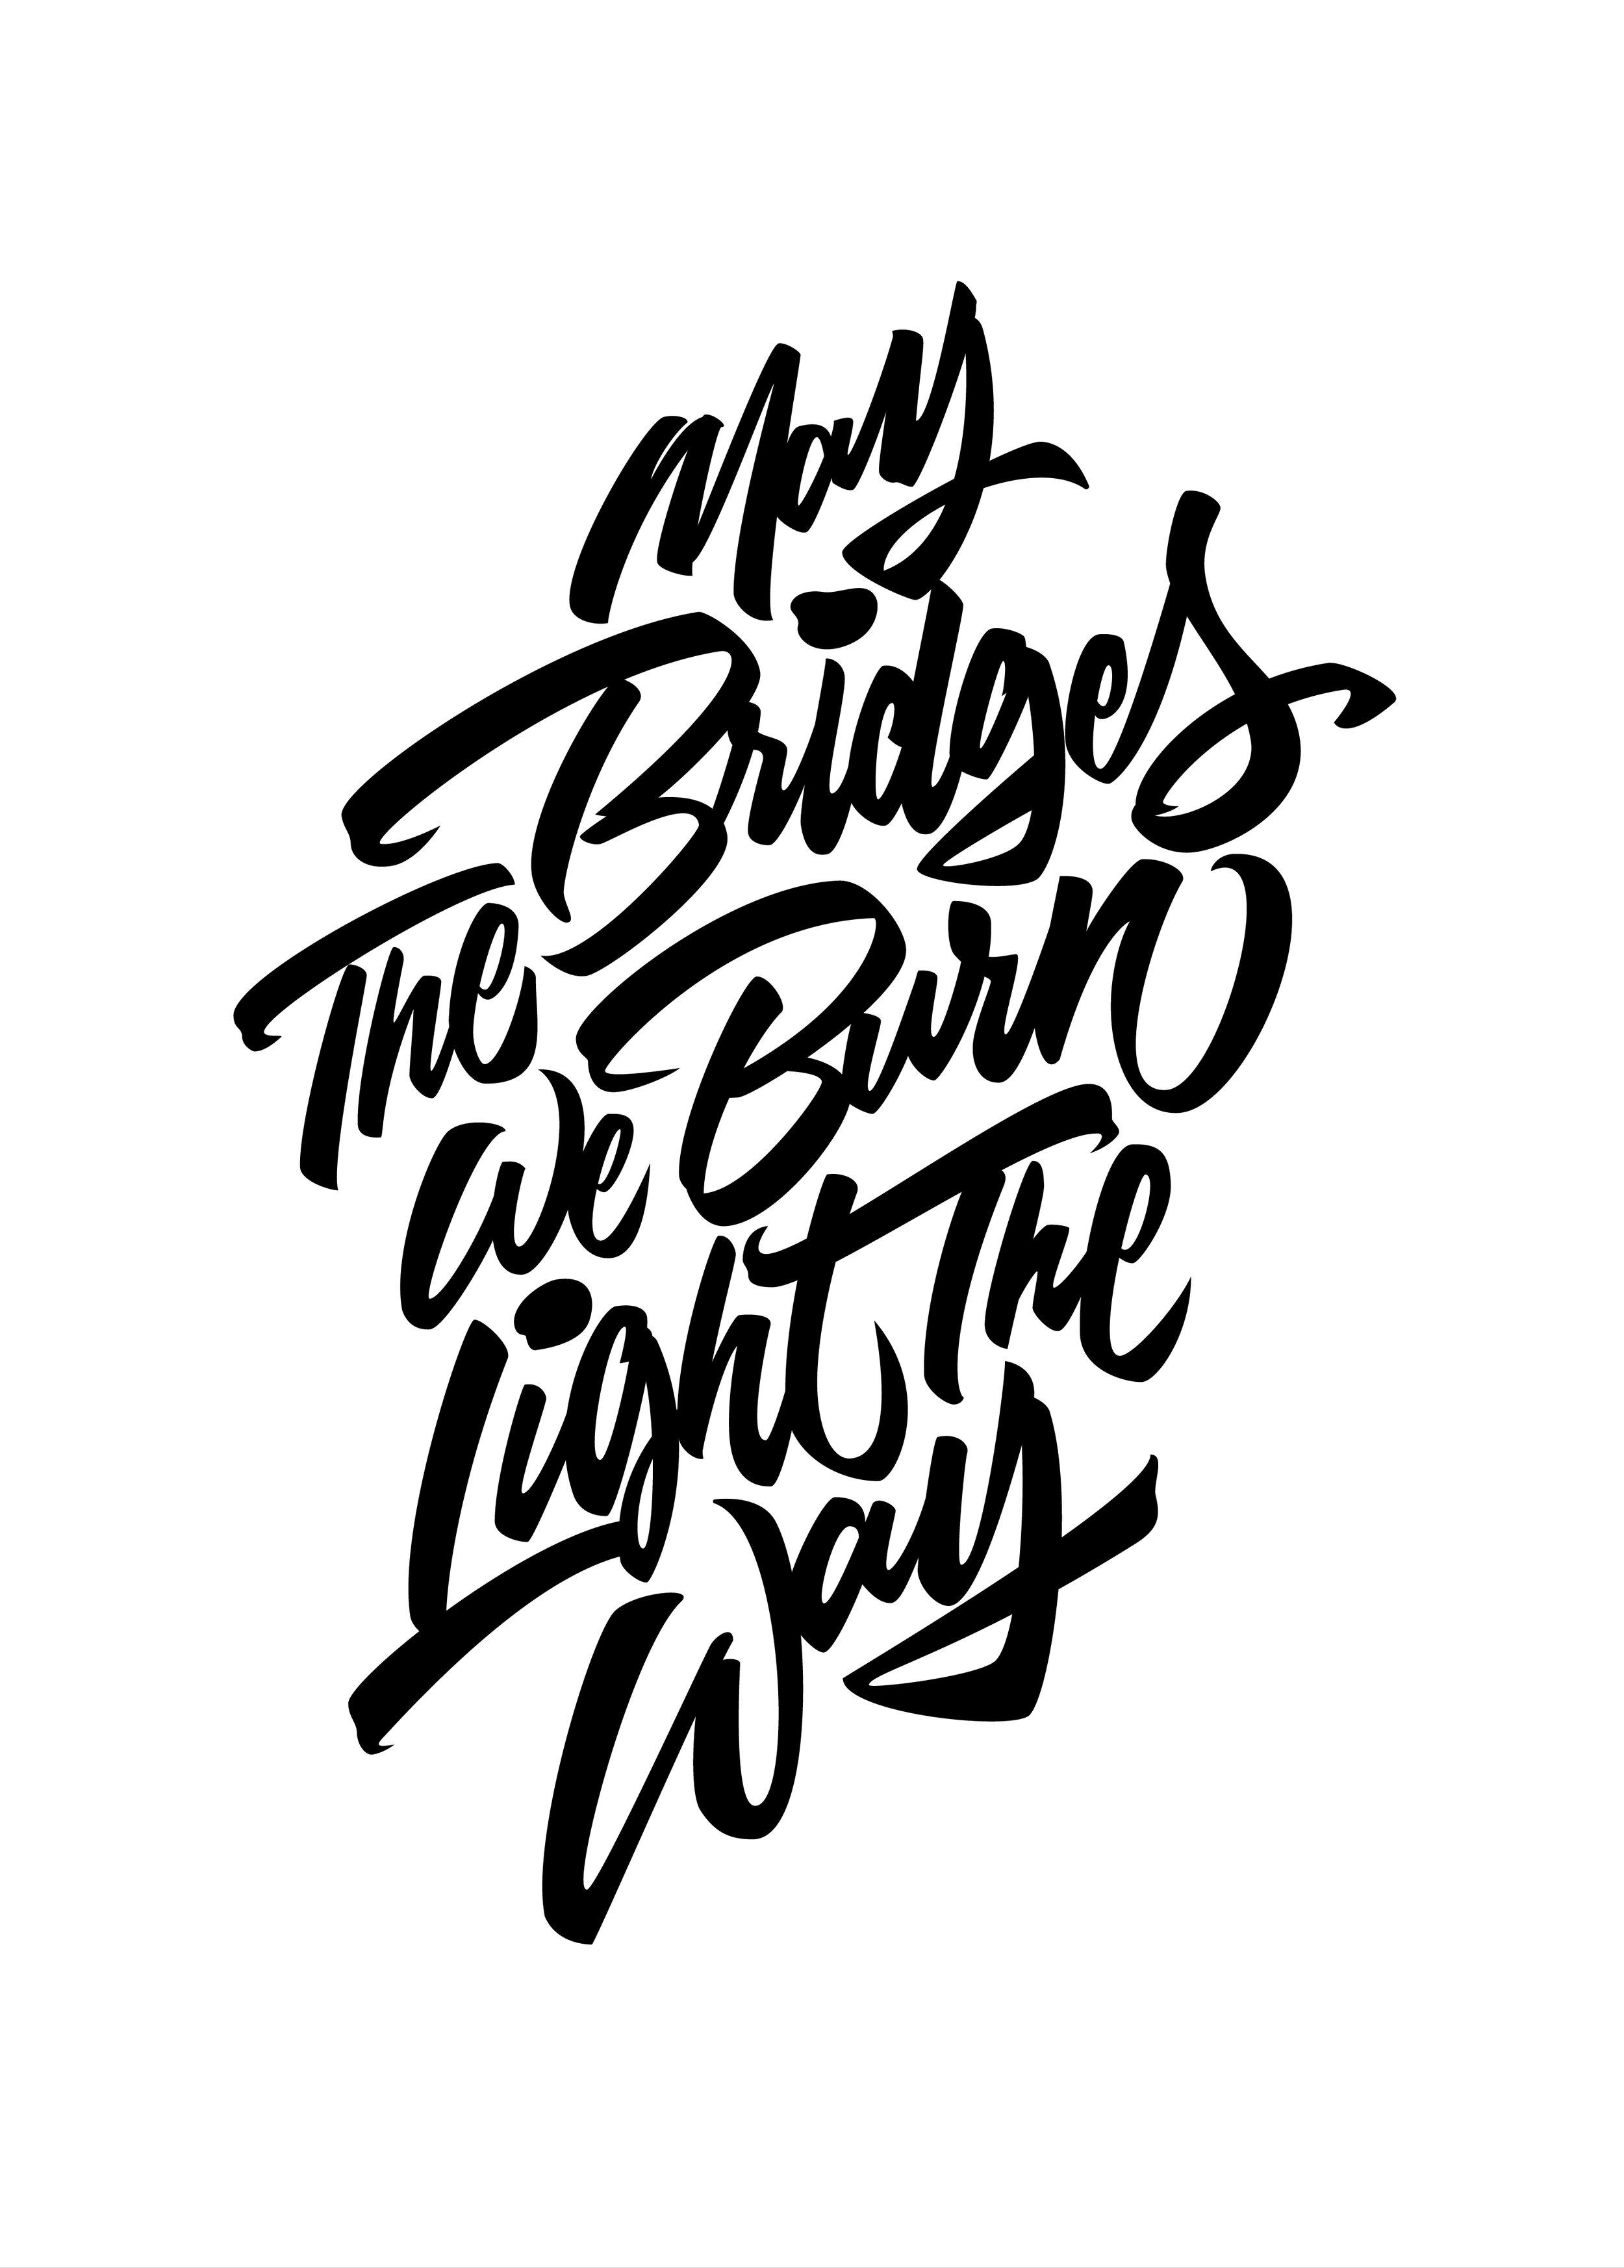 Burnt Bridges - Black